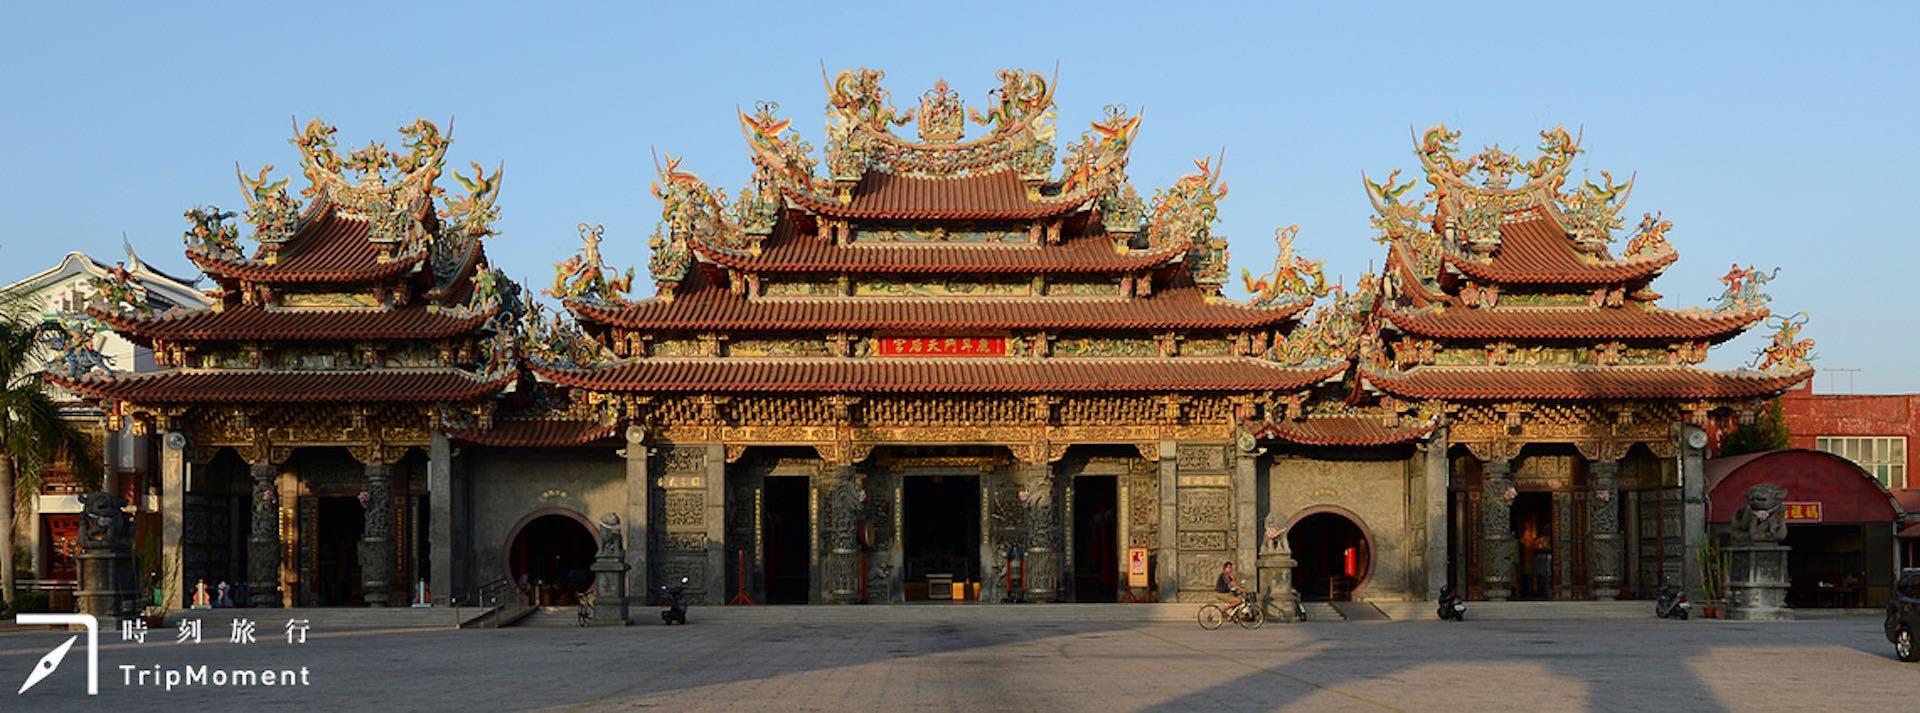 台南鹿耳門天后宮》誰是最早媽祖廟?歷史古廟的百年傳說